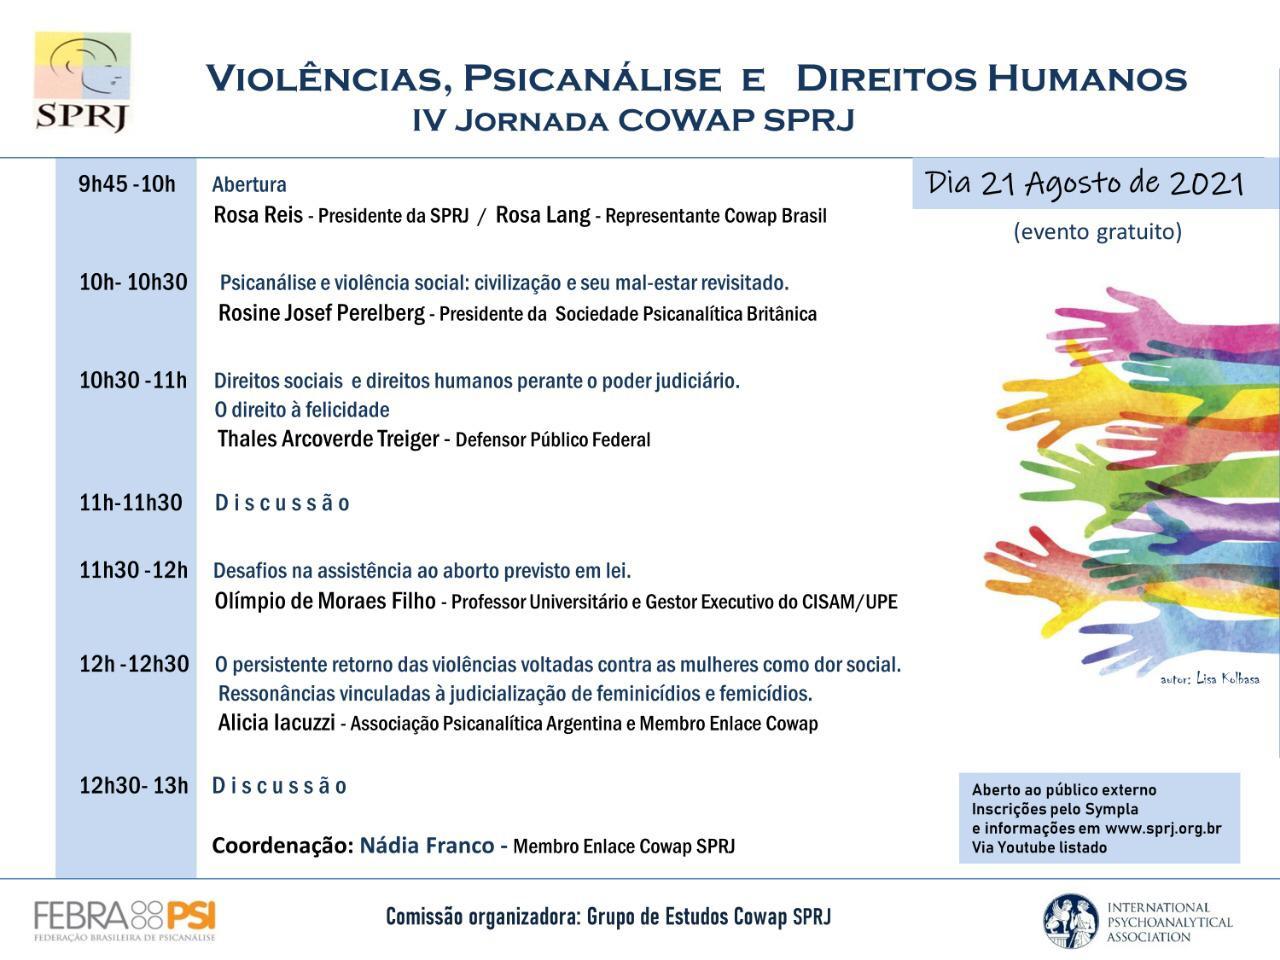 Violências, Psicanálise e Direitos Humanos - IV Jornada COWAP SPRJ @ on-line